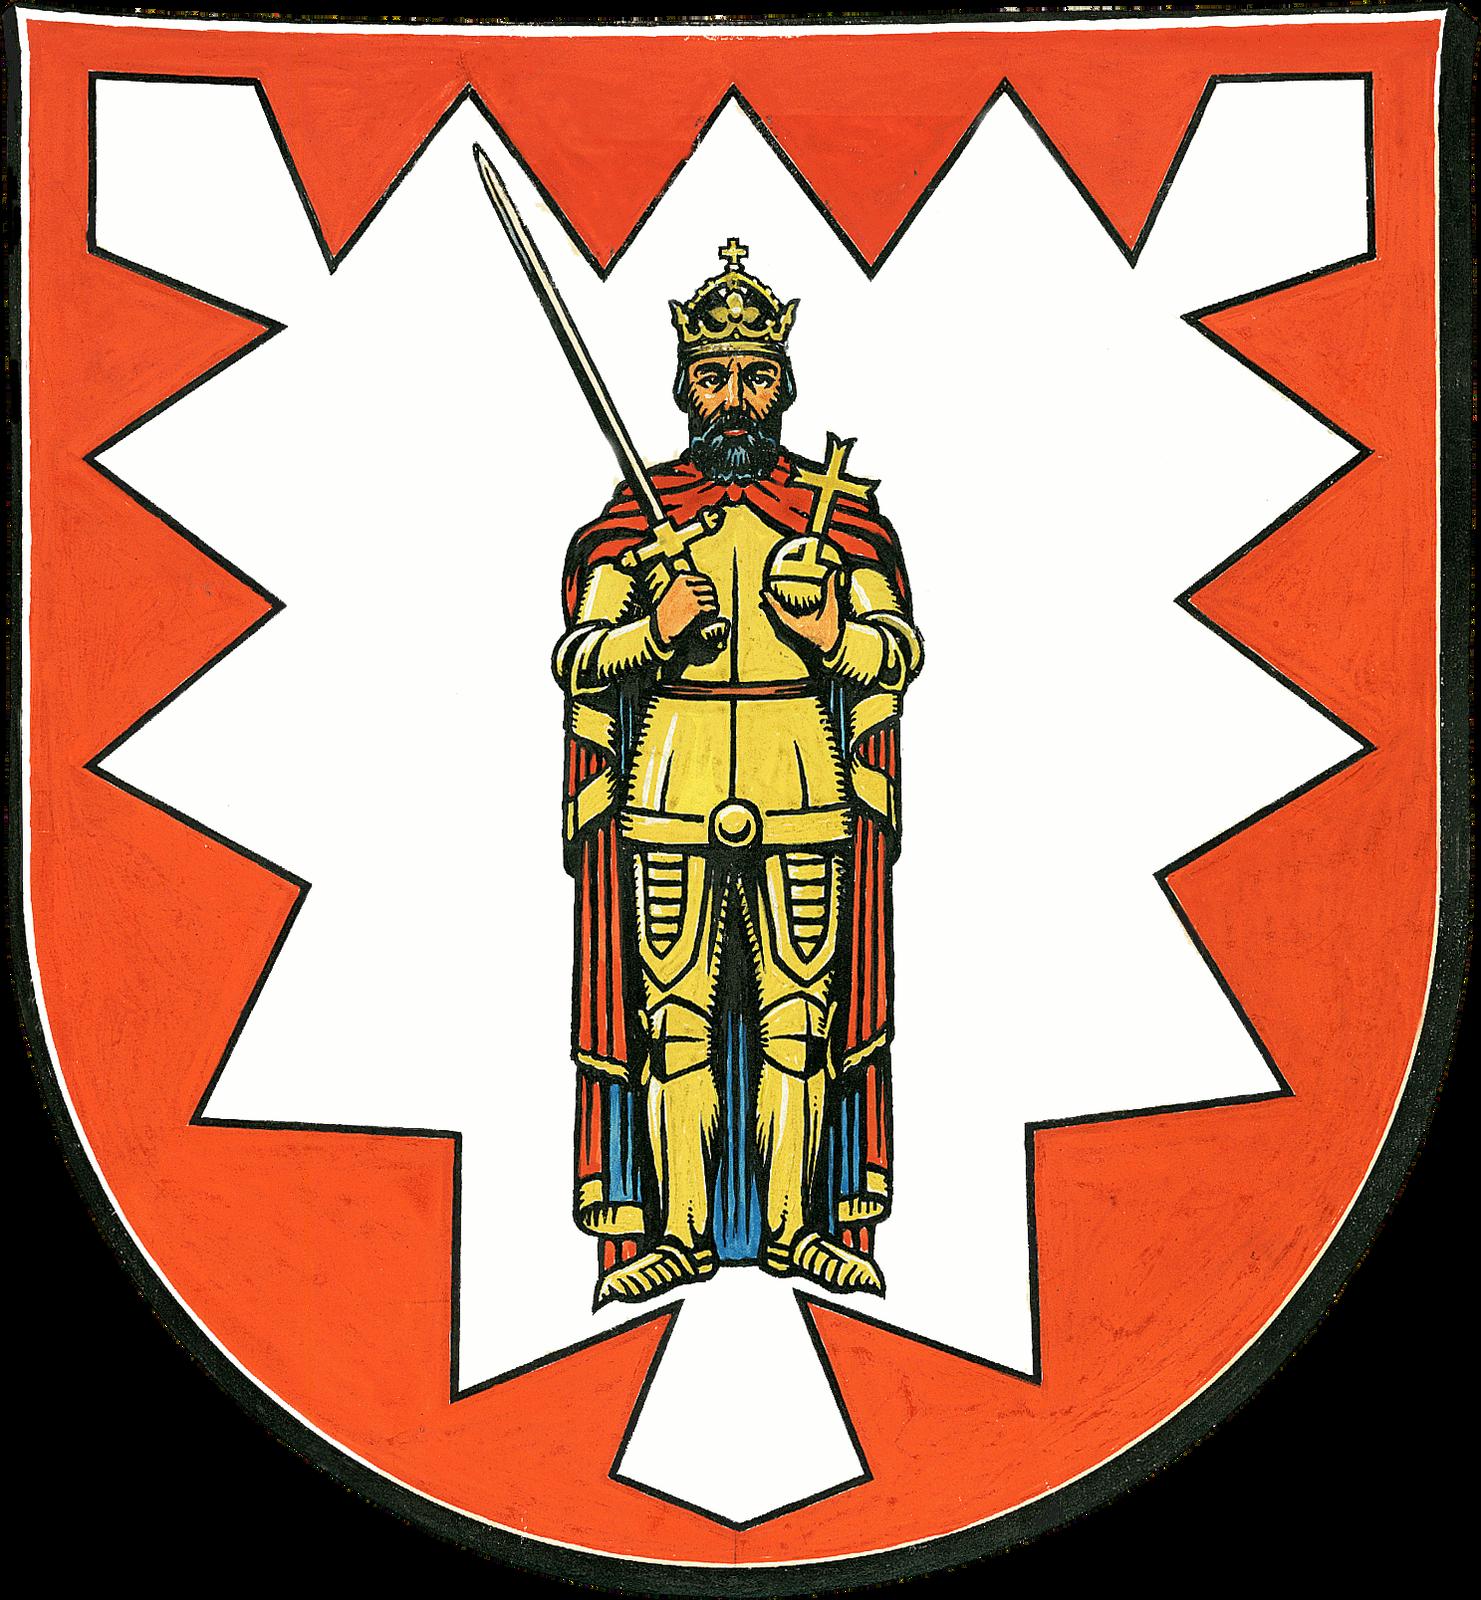 Herb miasta Wedel (z postacią Rolanda) Herb miasta Wedel (z postacią Rolanda) Źródło: 1963, domena publiczna.